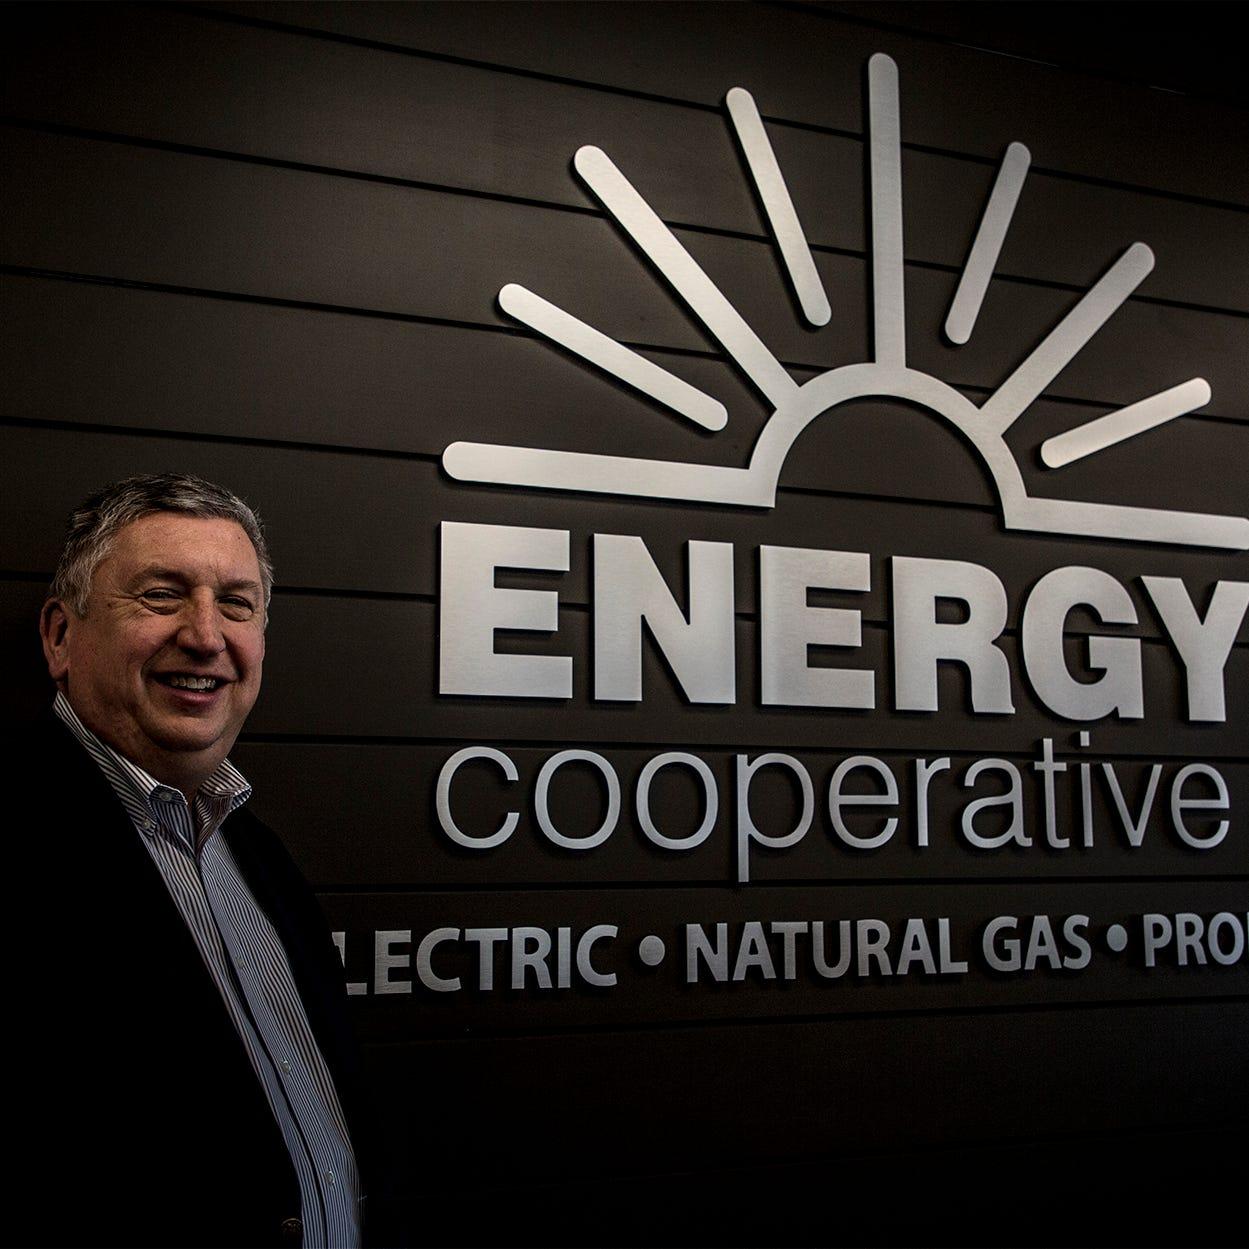 Aces of Trades: Born a farmer, Todd Ware now an energy executive